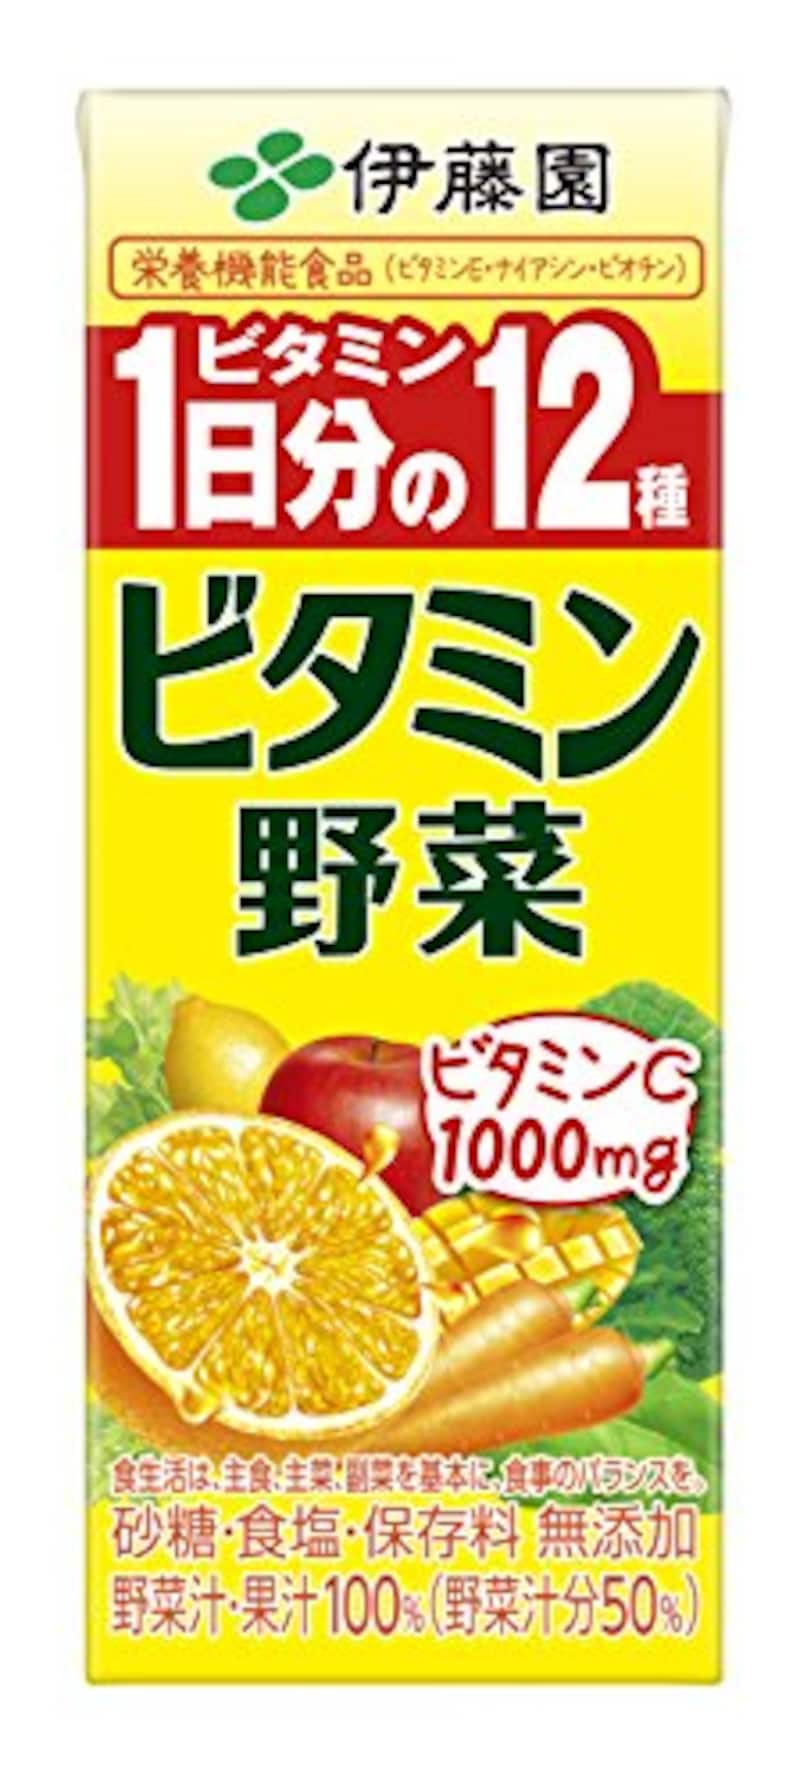 伊藤園,ビタミン野菜 (紙パック) 200ml×24本